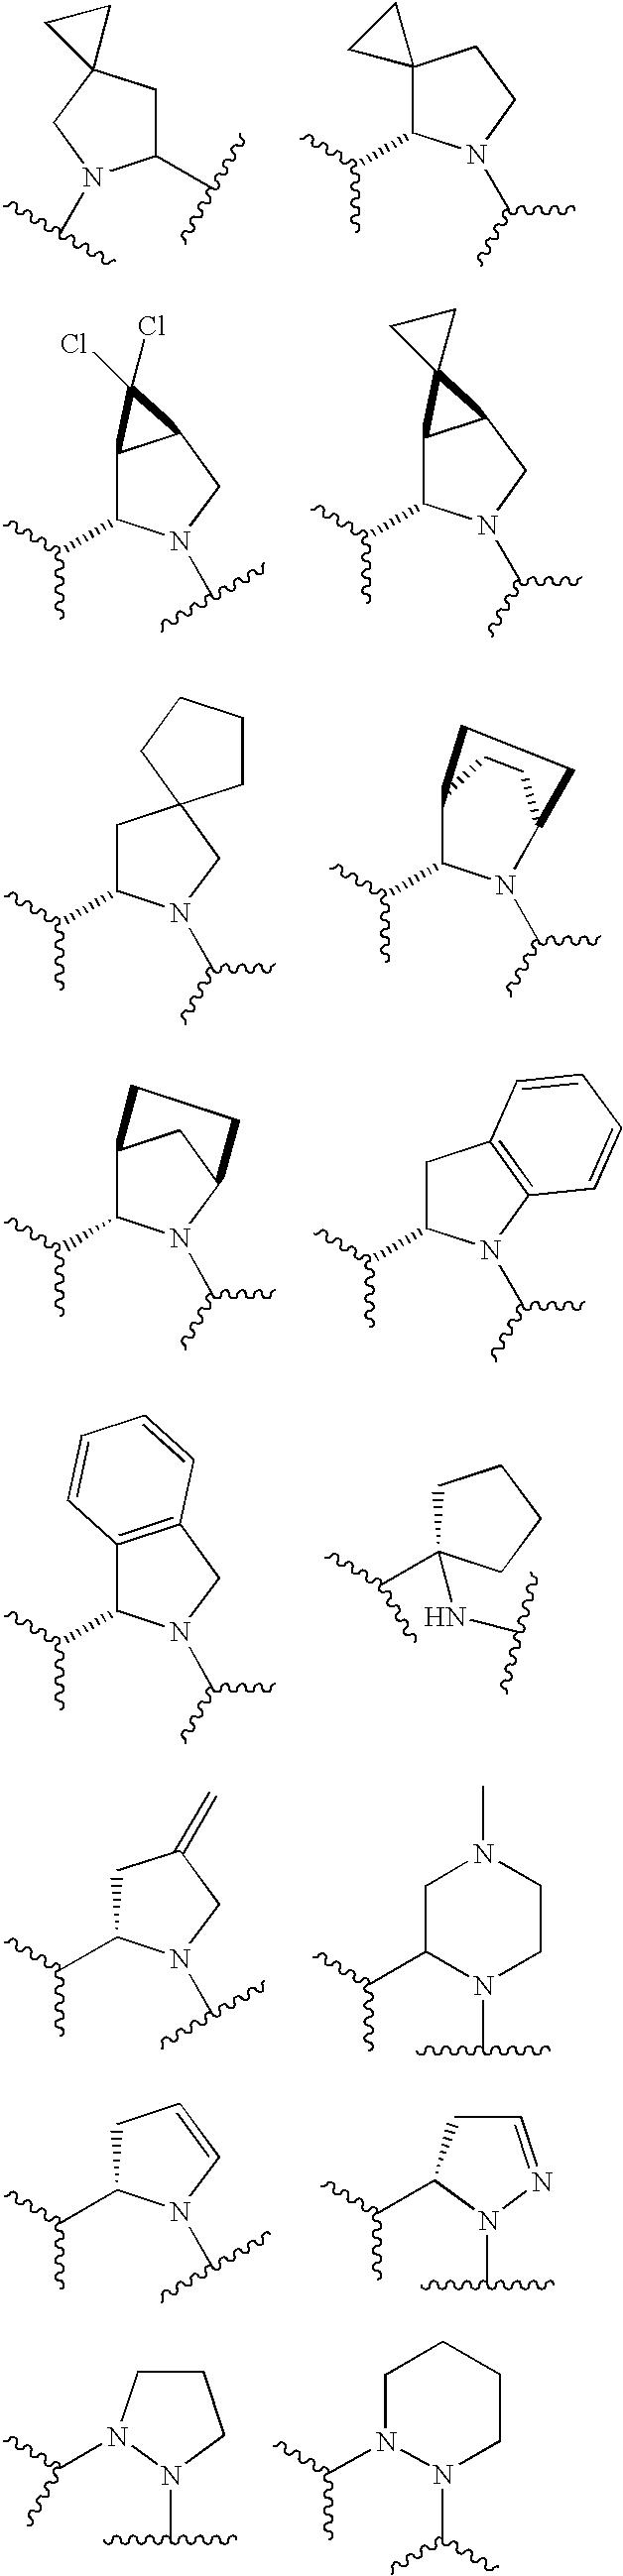 Figure US08088368-20120103-C00343